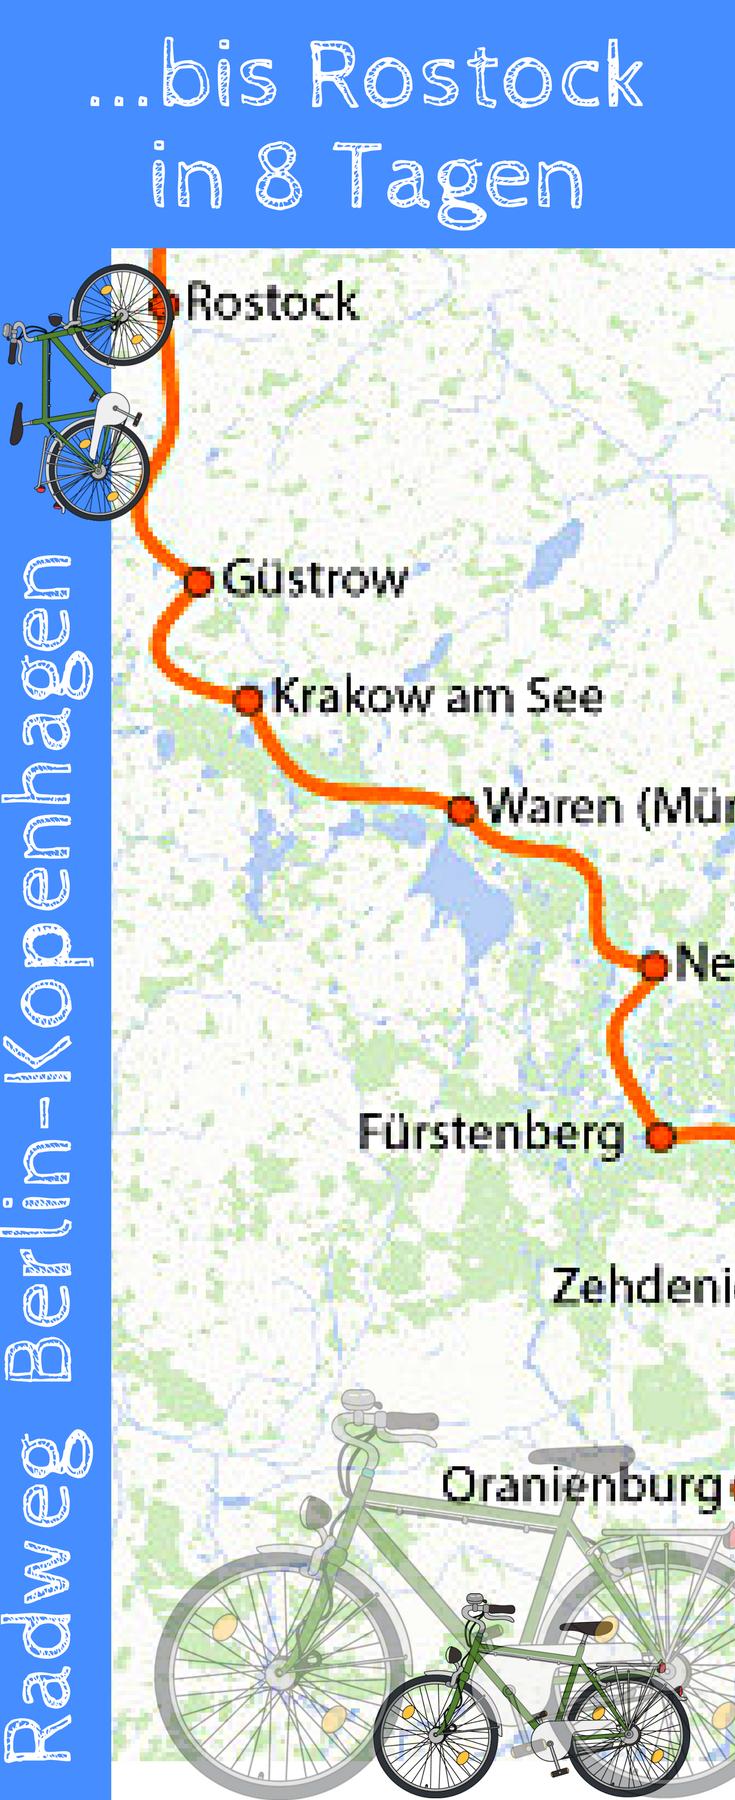 Fahrradreise Von Berlin Nach Rostock In 2020 Radtour Berlin